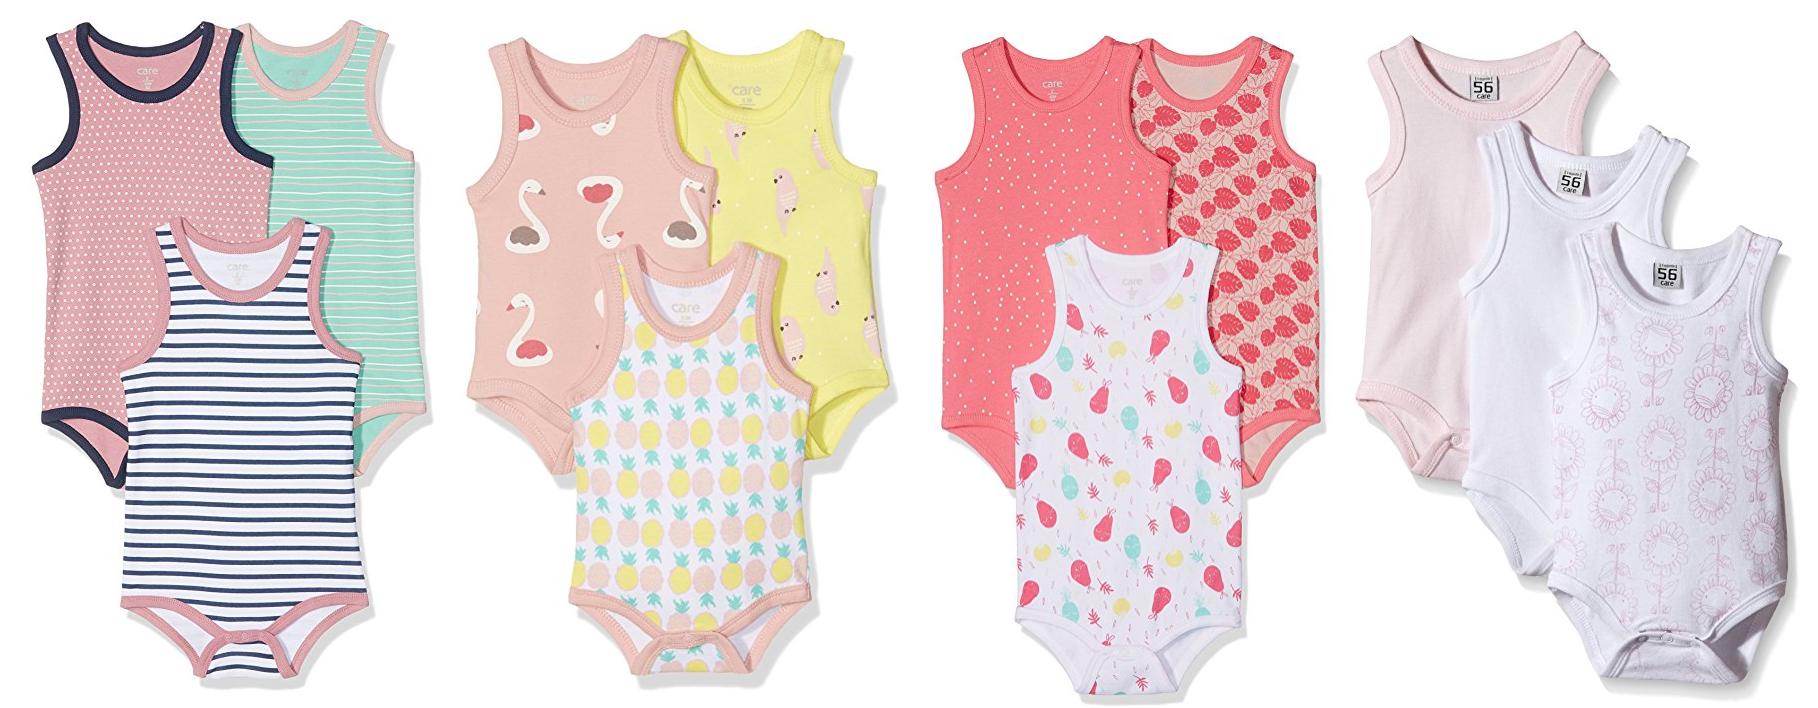 Bunte Bodys für Babys